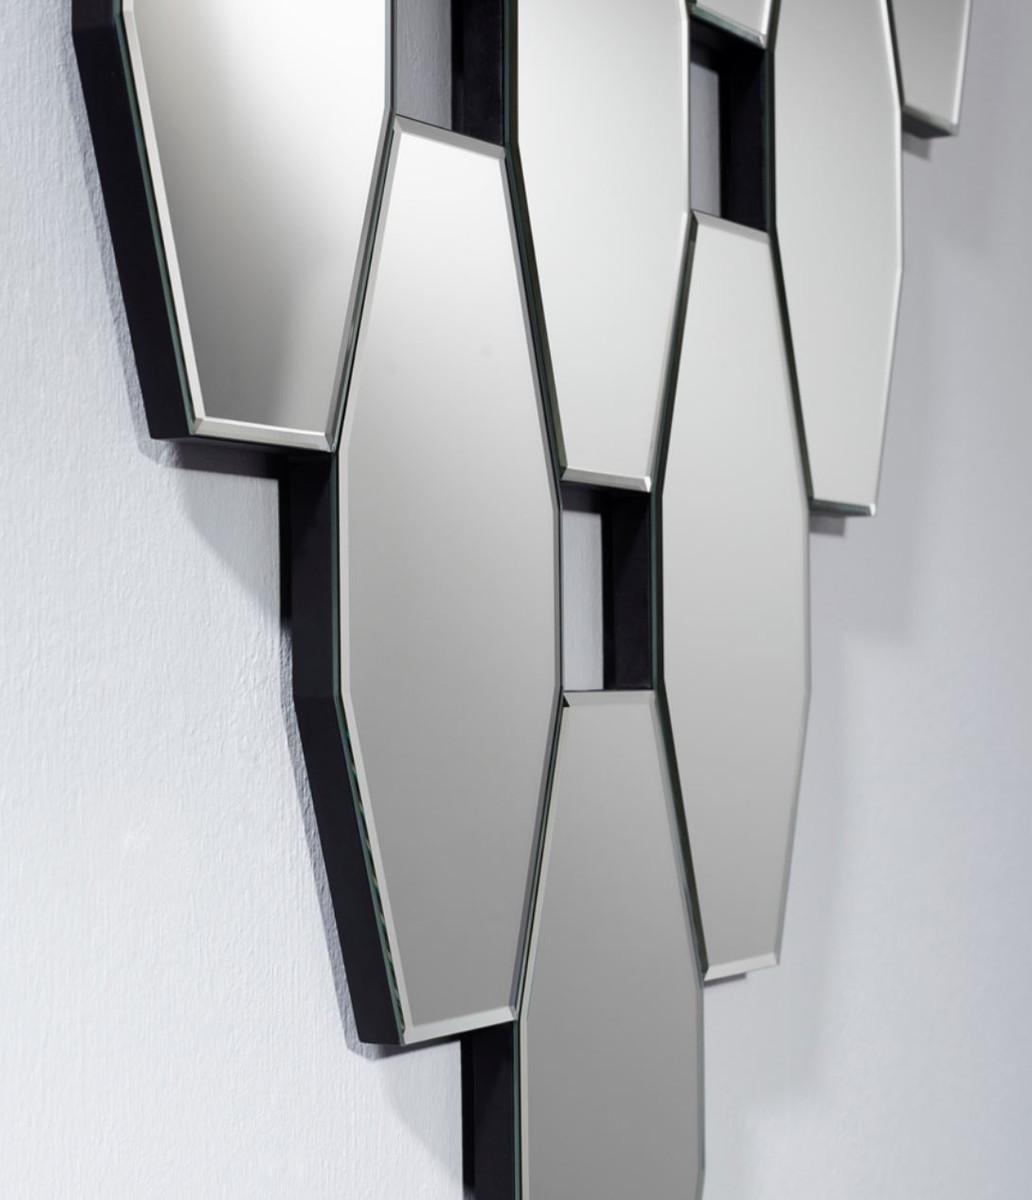 Wohnzimmer Spiegel Top Wohnzimmer Spiegel With Wohnzimmer: Casa Padrino Designer Wohnzimmer Spiegel / Wandspiegel 84